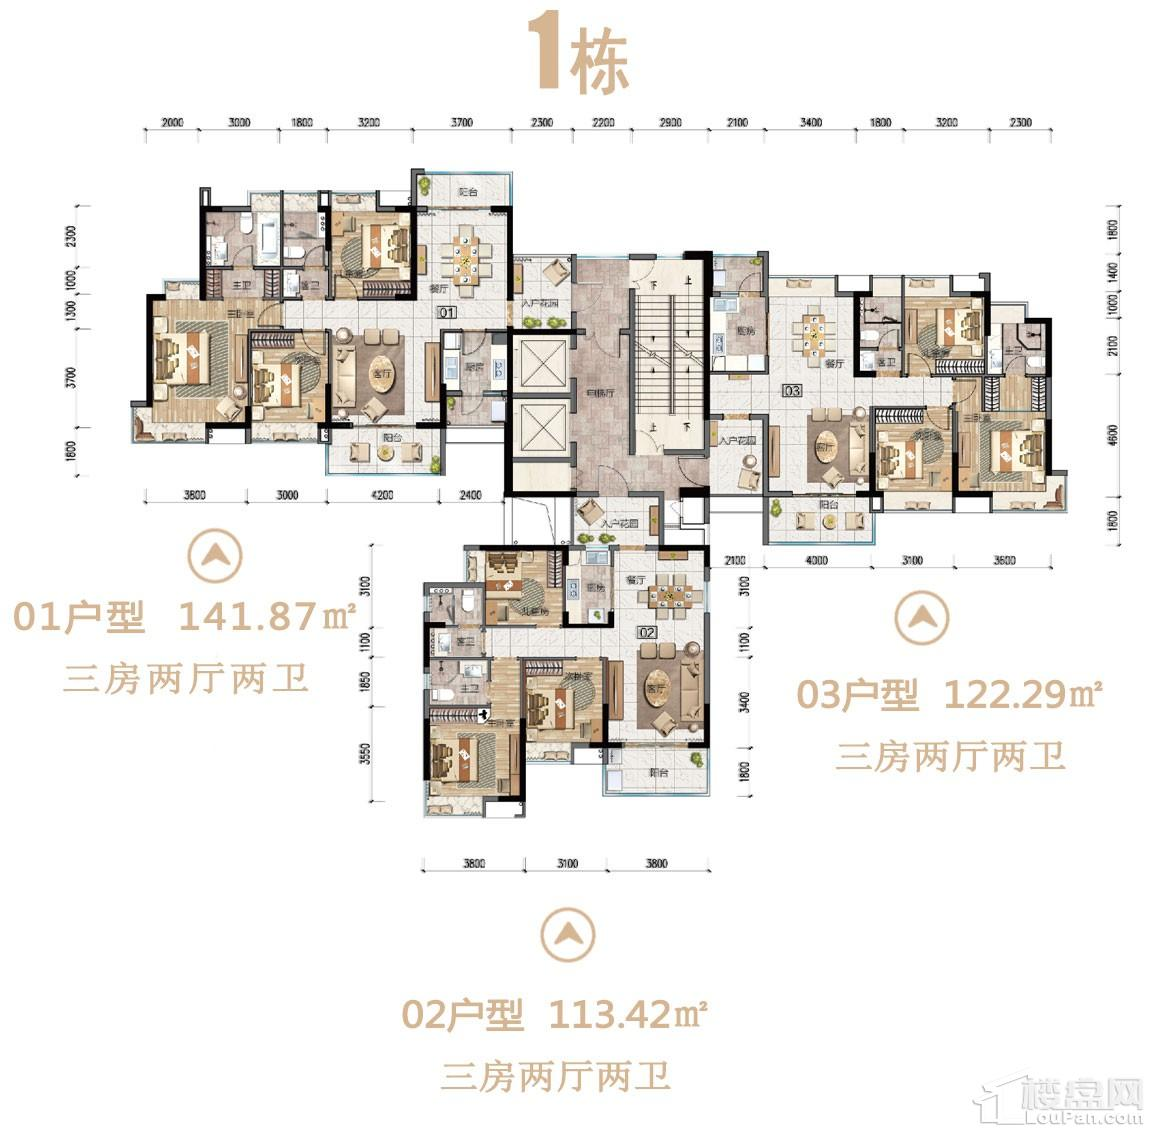 沙湖绿洲1栋户型图